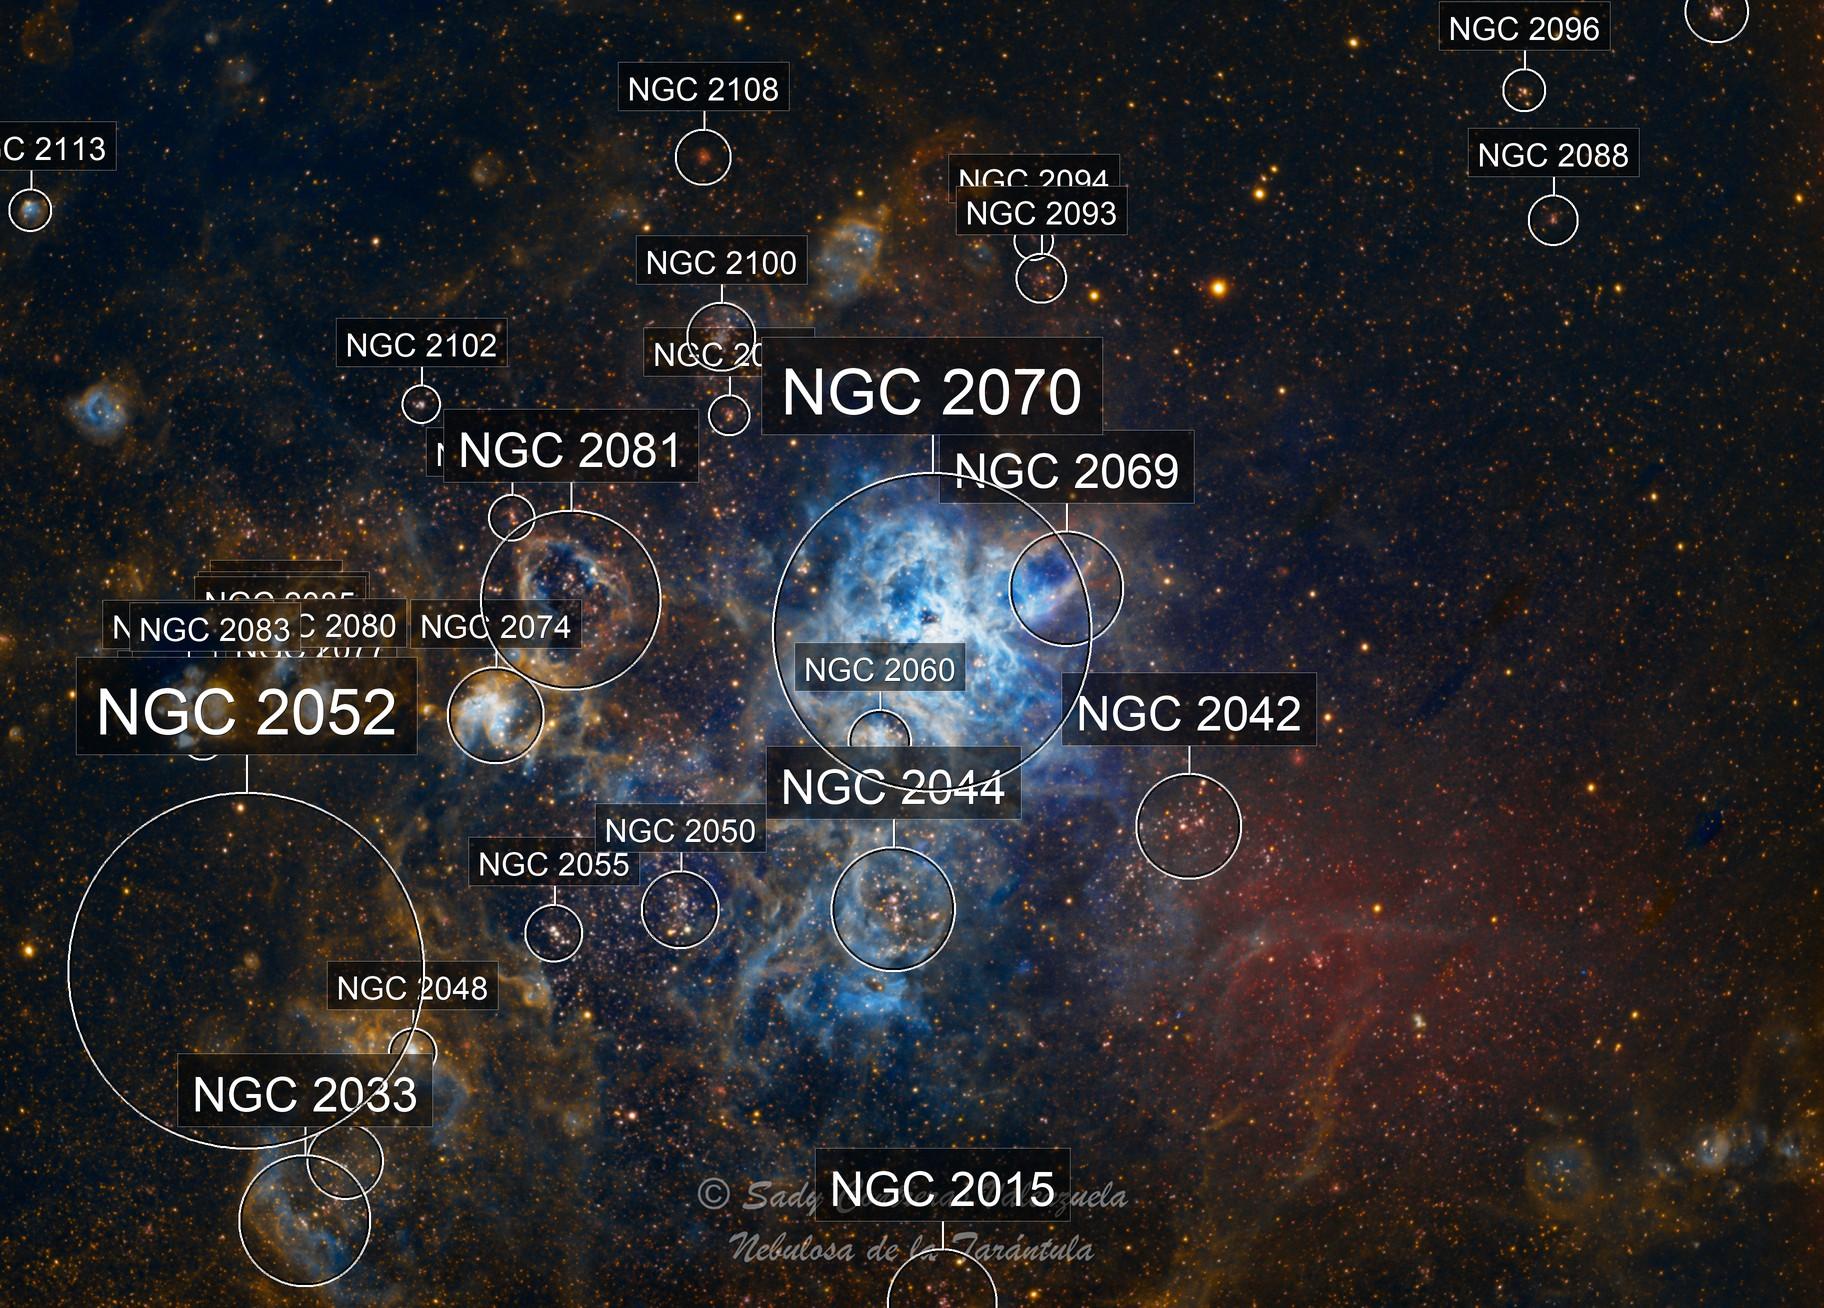 Nebulosa de la Tarántula SHO